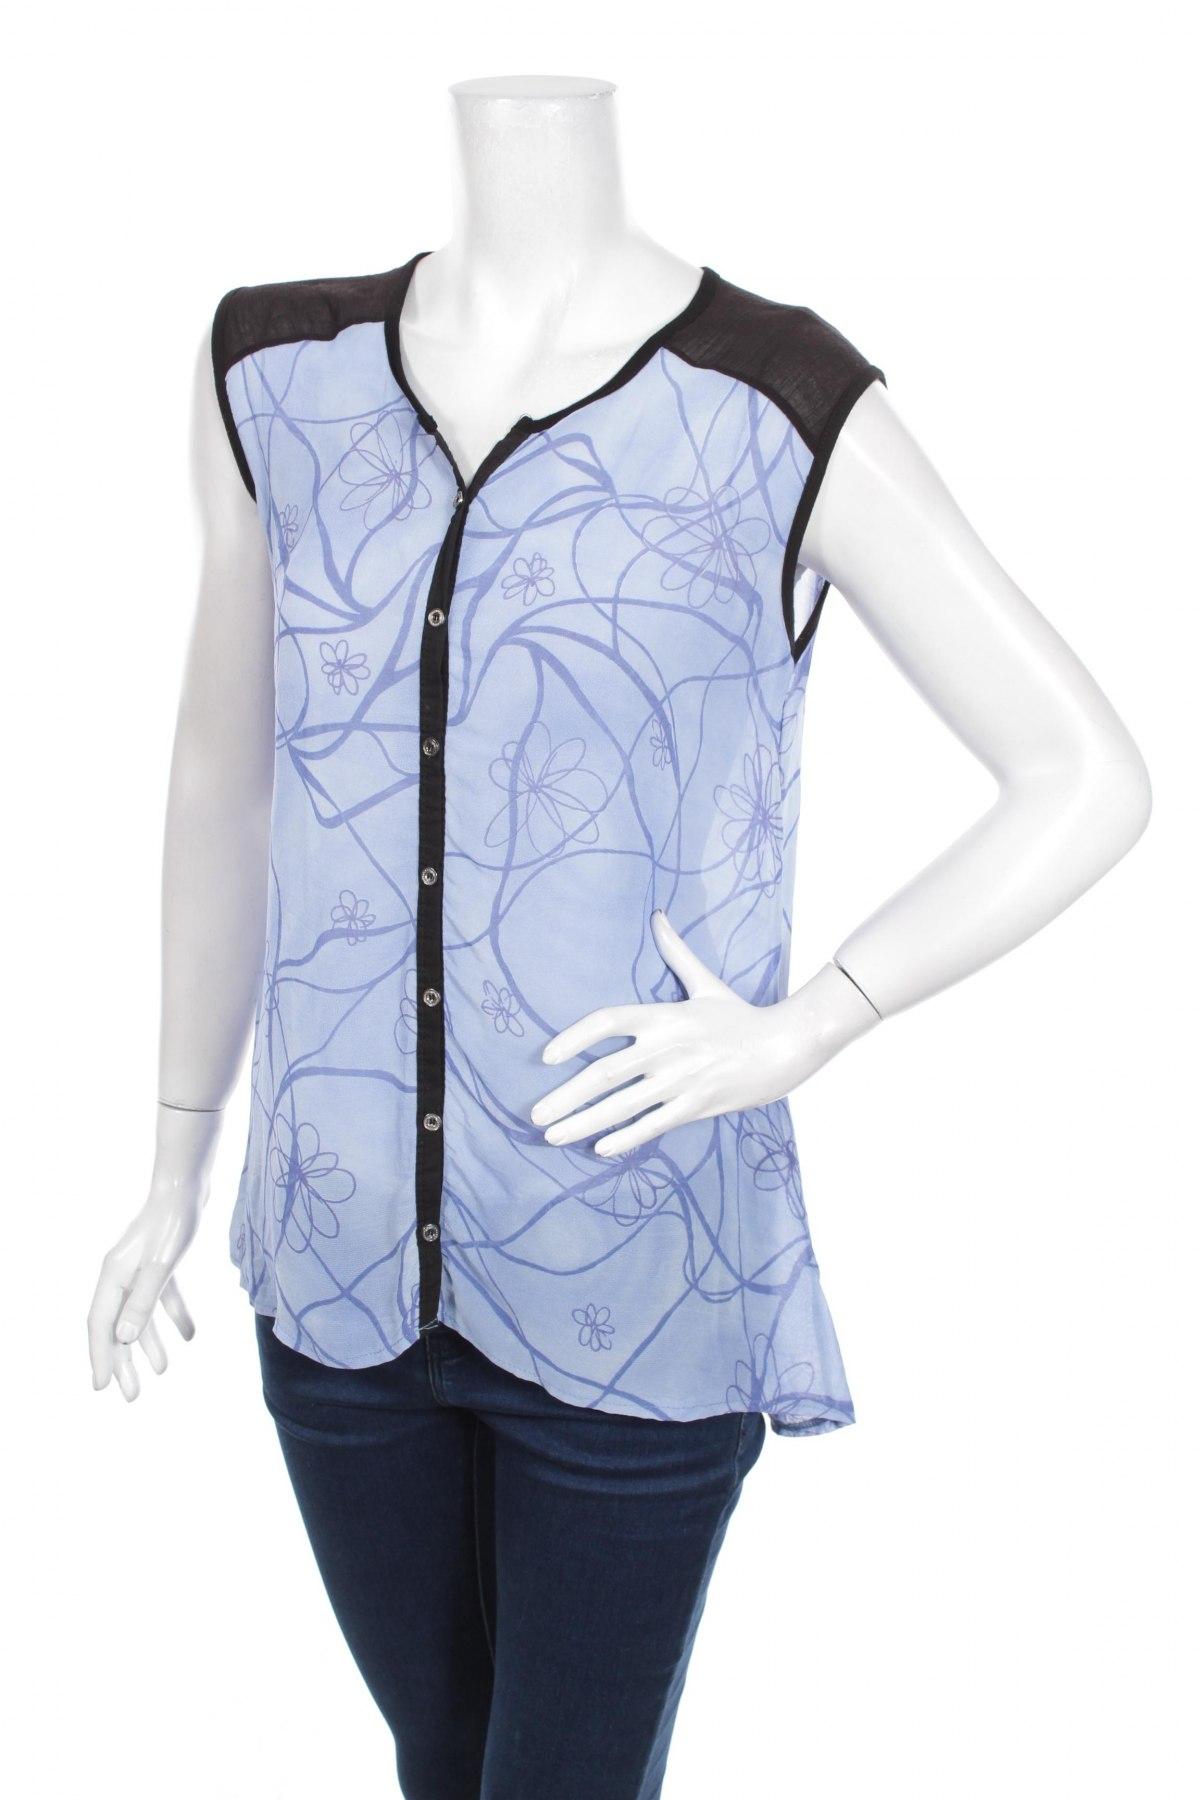 Γυναικείο πουκάμισο H&K Collection, Μέγεθος M, Χρώμα Μπλέ, Τιμή 11,52€